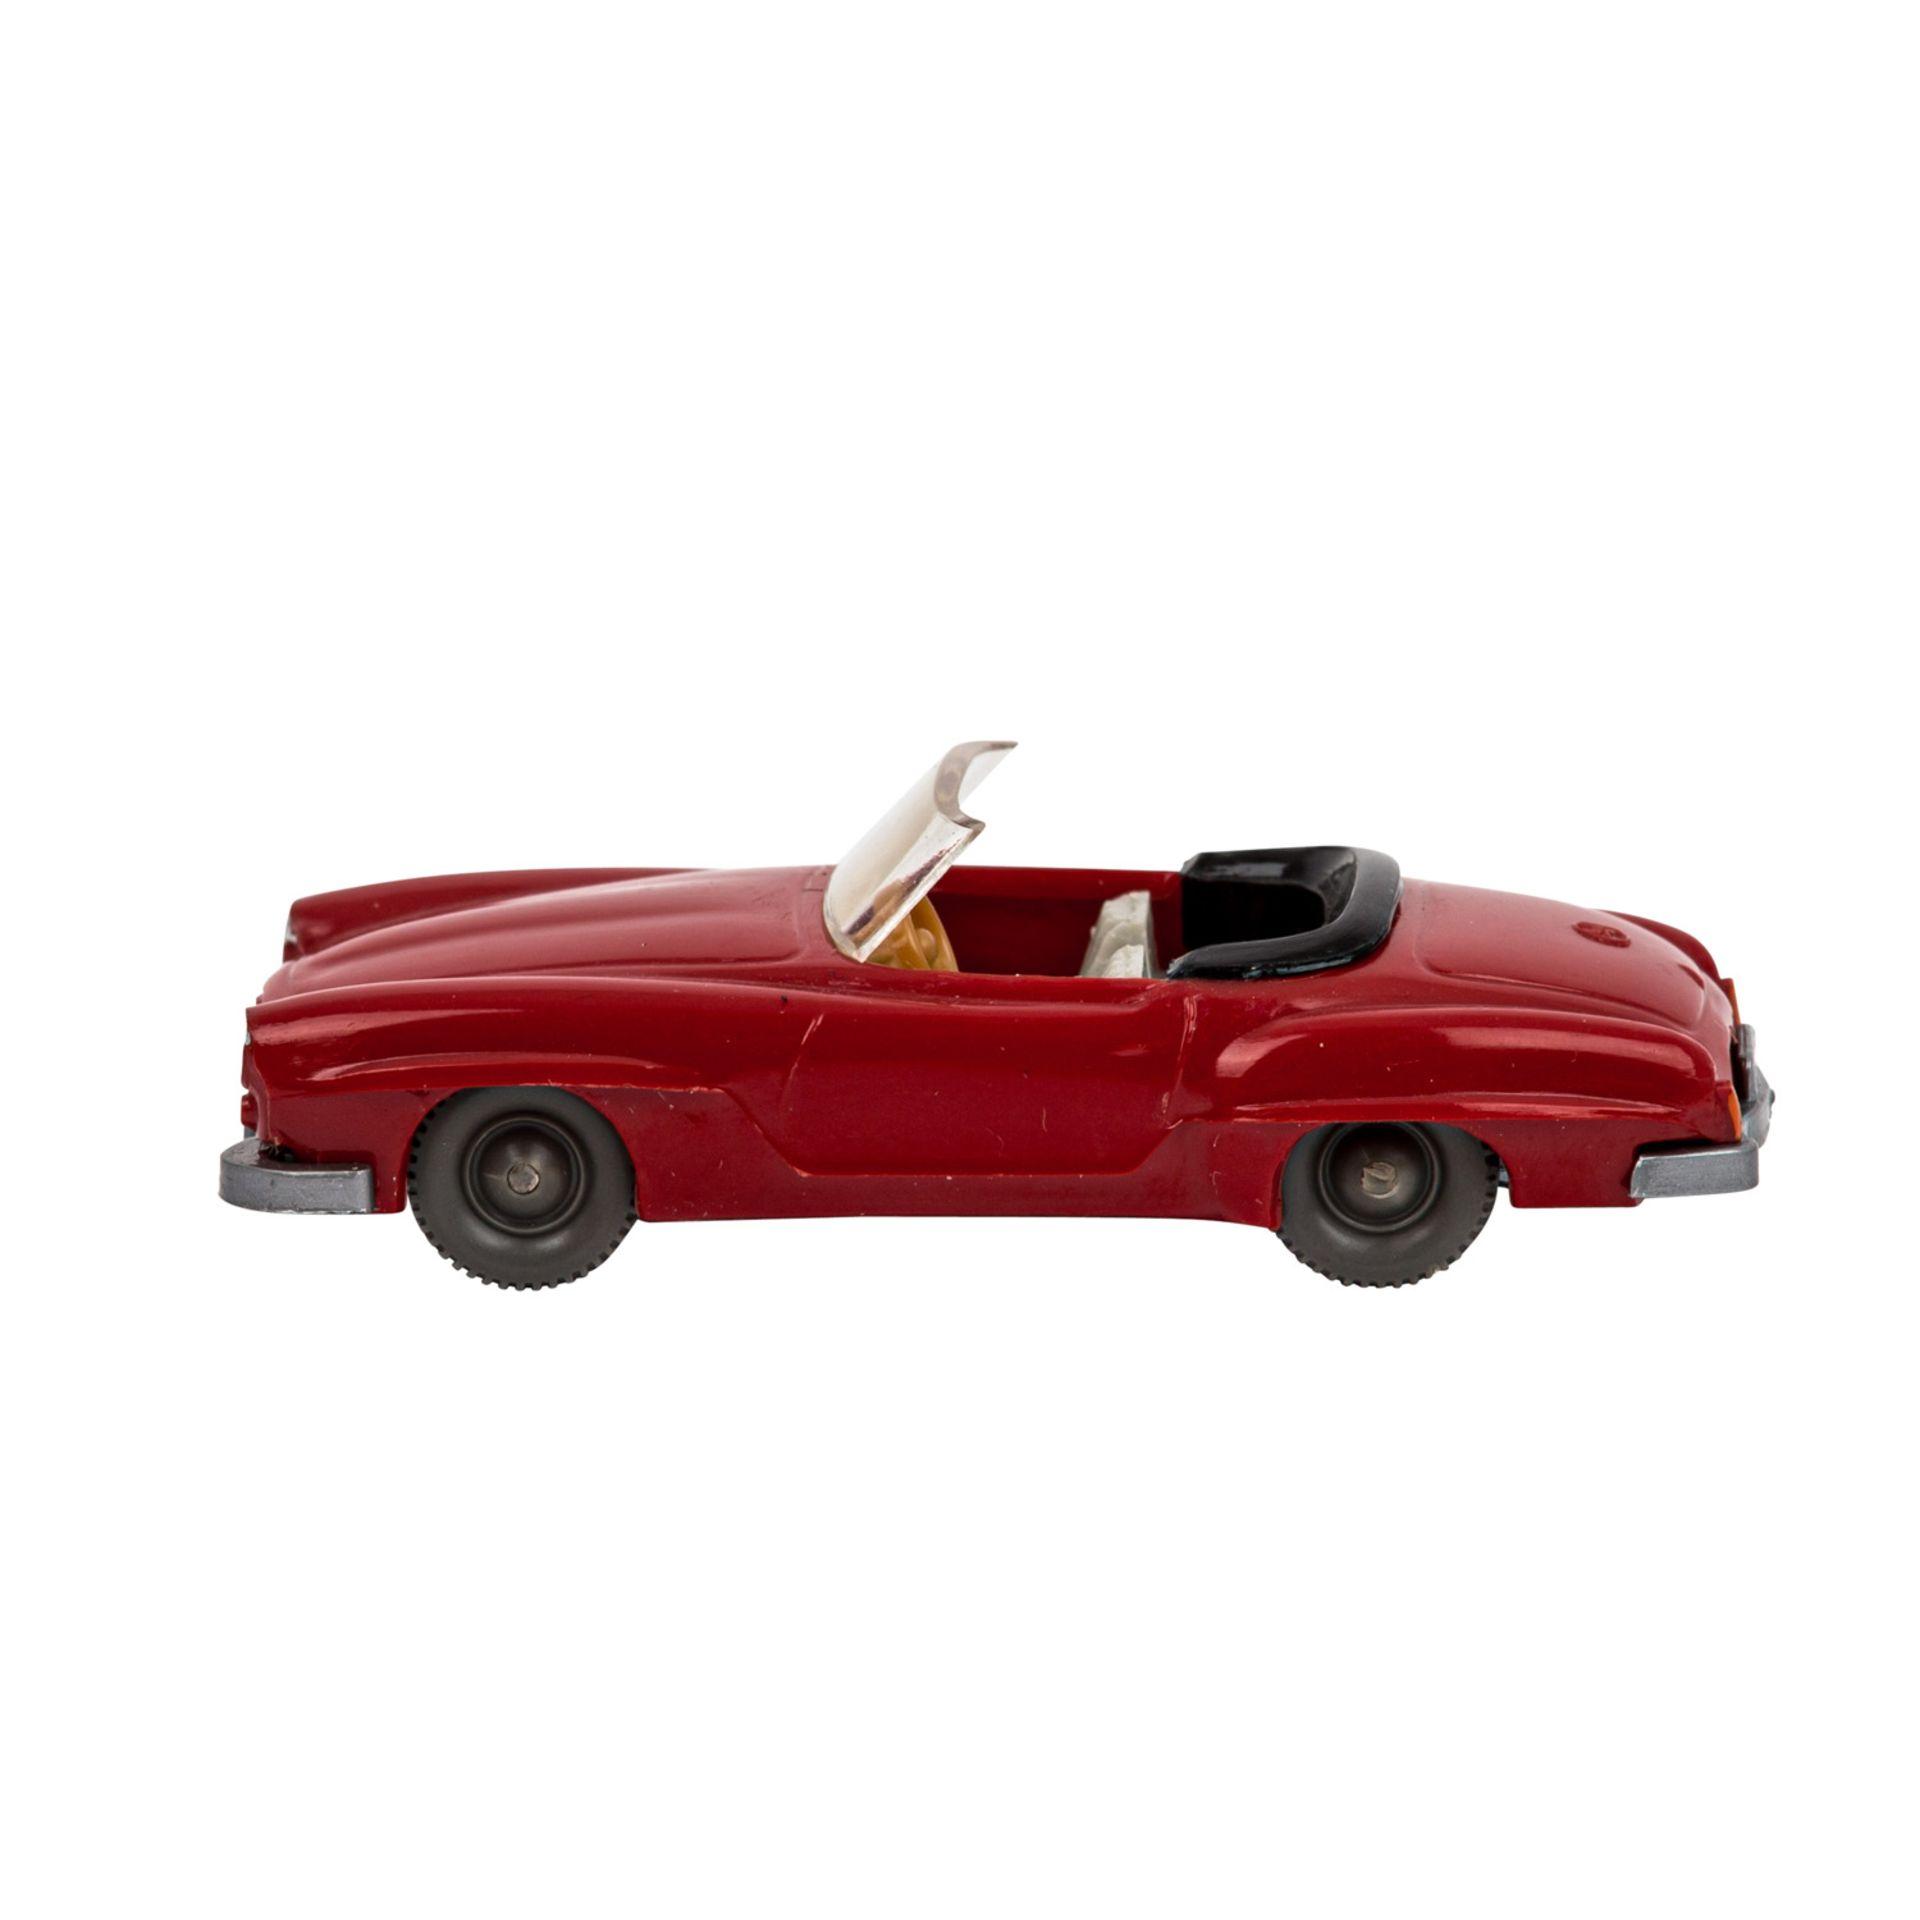 WIKING Mercedes 190 SL Cabrio, 1962-64, rote Karosserie, schwarzes Verdeck mit grauweißer - Image 2 of 5